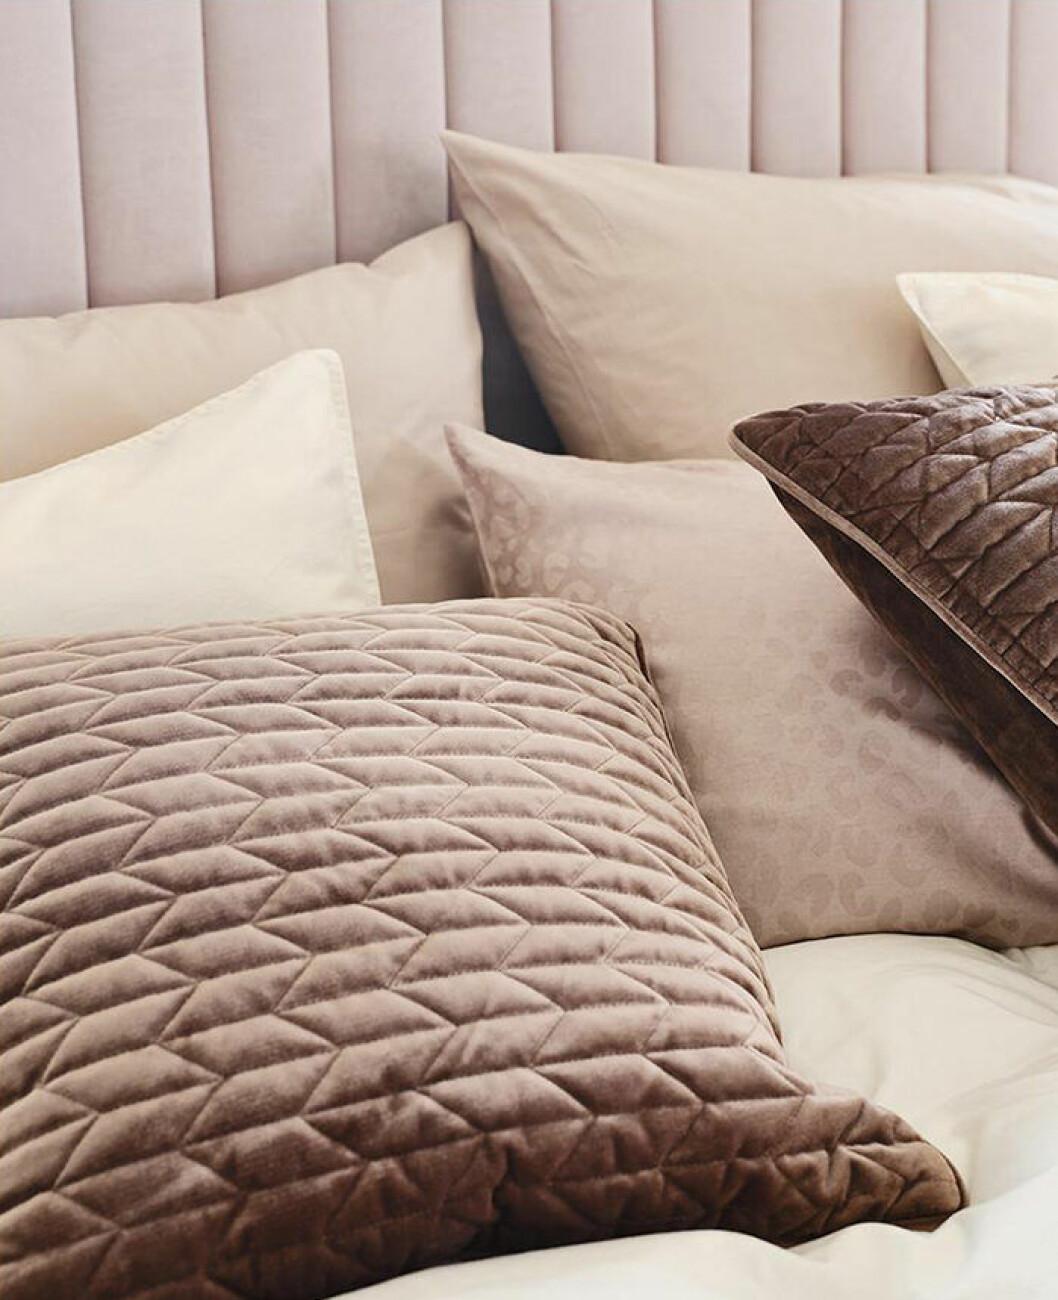 Beige, brunt och sand i textilierna hos Jotex hösten 2019